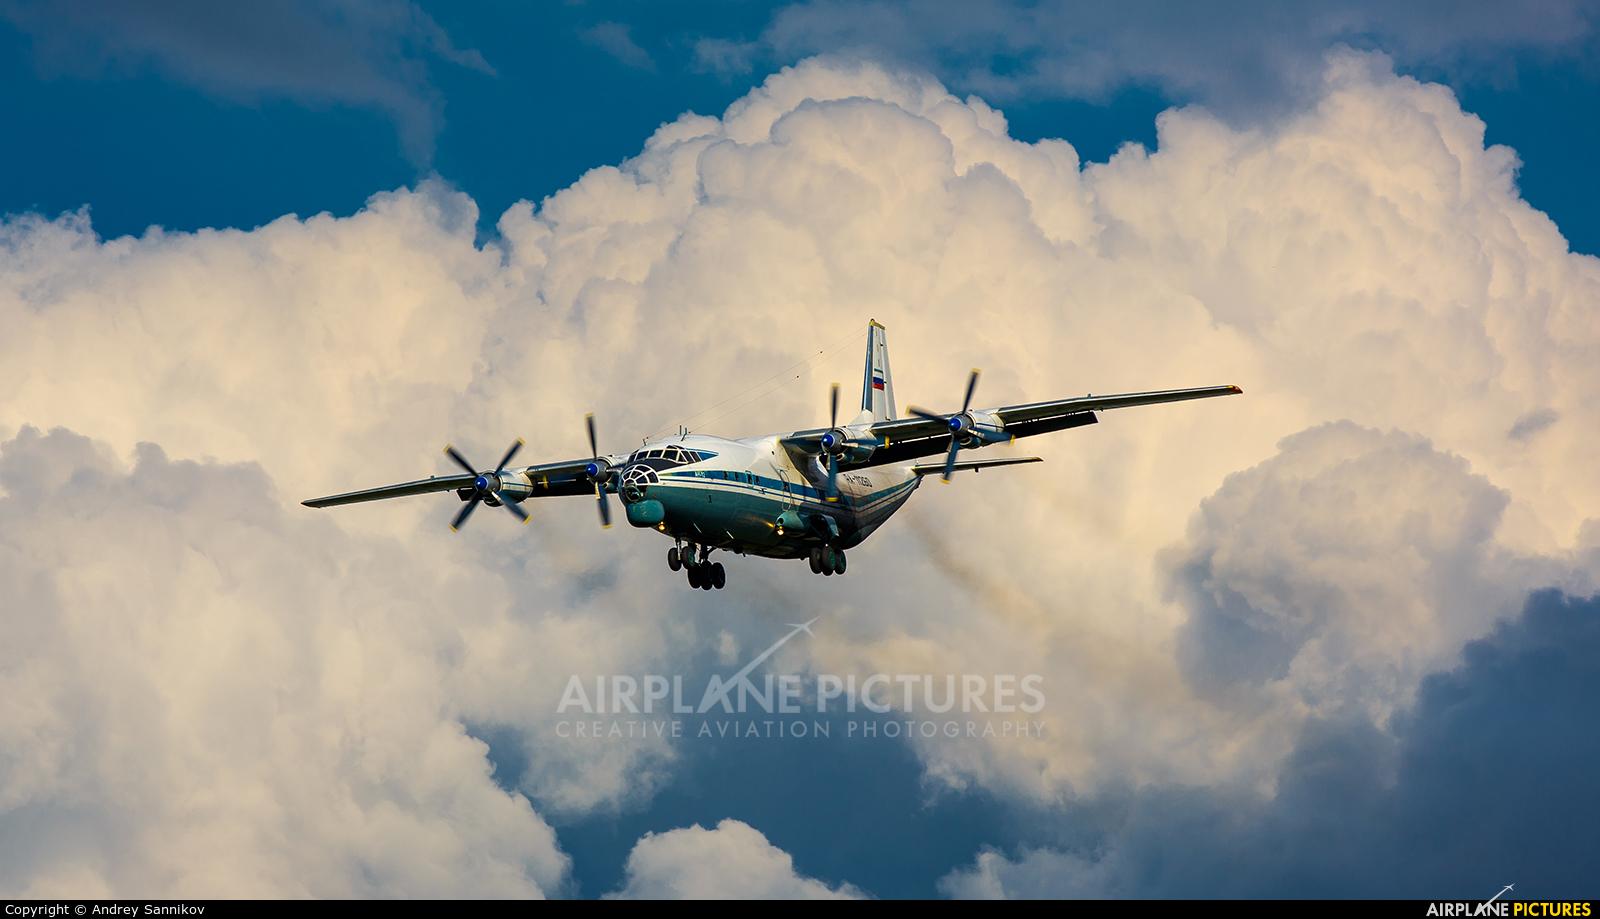 Russia - Air Force RA-11260 aircraft at Chelyabinsk Shagol